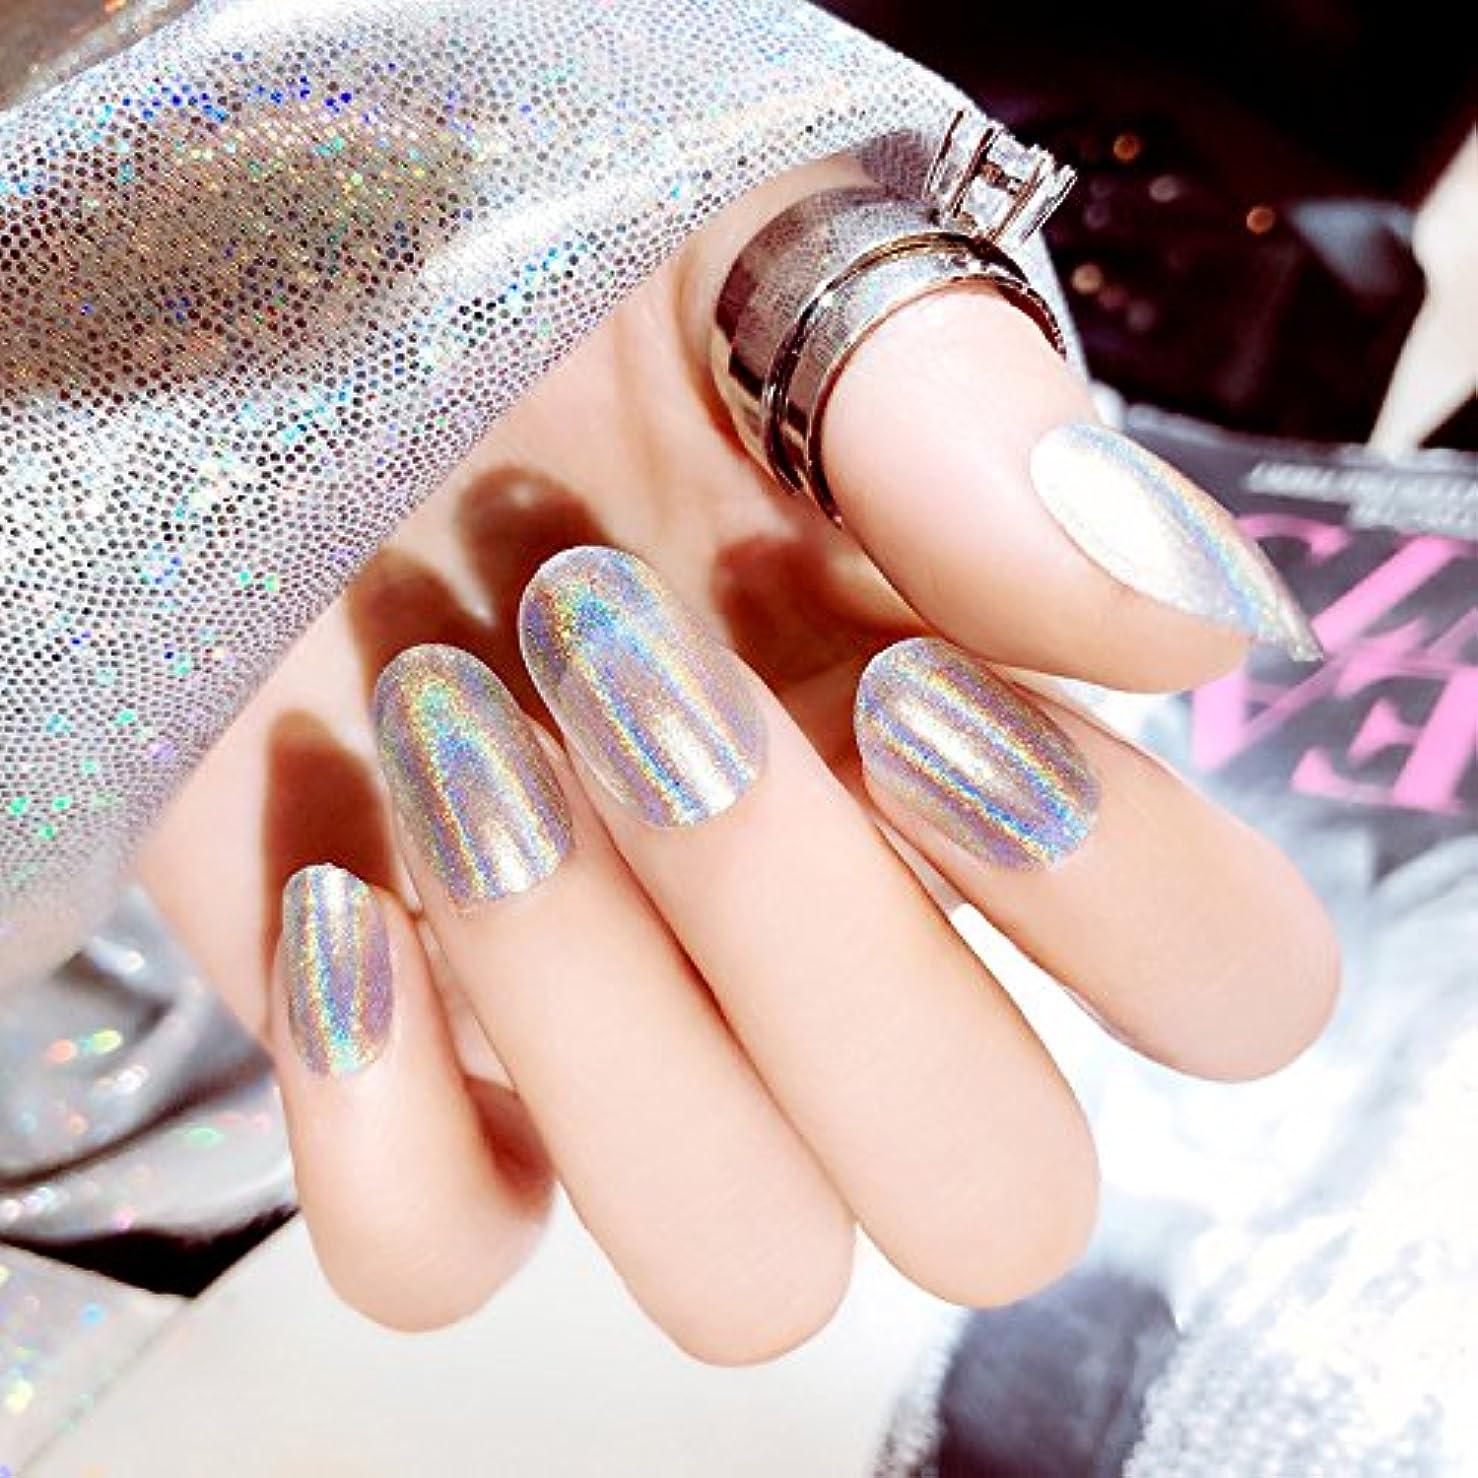 ルネッサンスパキスタン書き出す質感 彩がつく 24枚純色付け爪 ネイル貼るだけネイルチップ レーザー 多重光沢 お花嫁付け爪 ジェルネイルの光疗法 シンフォニー (輝くシルバー)